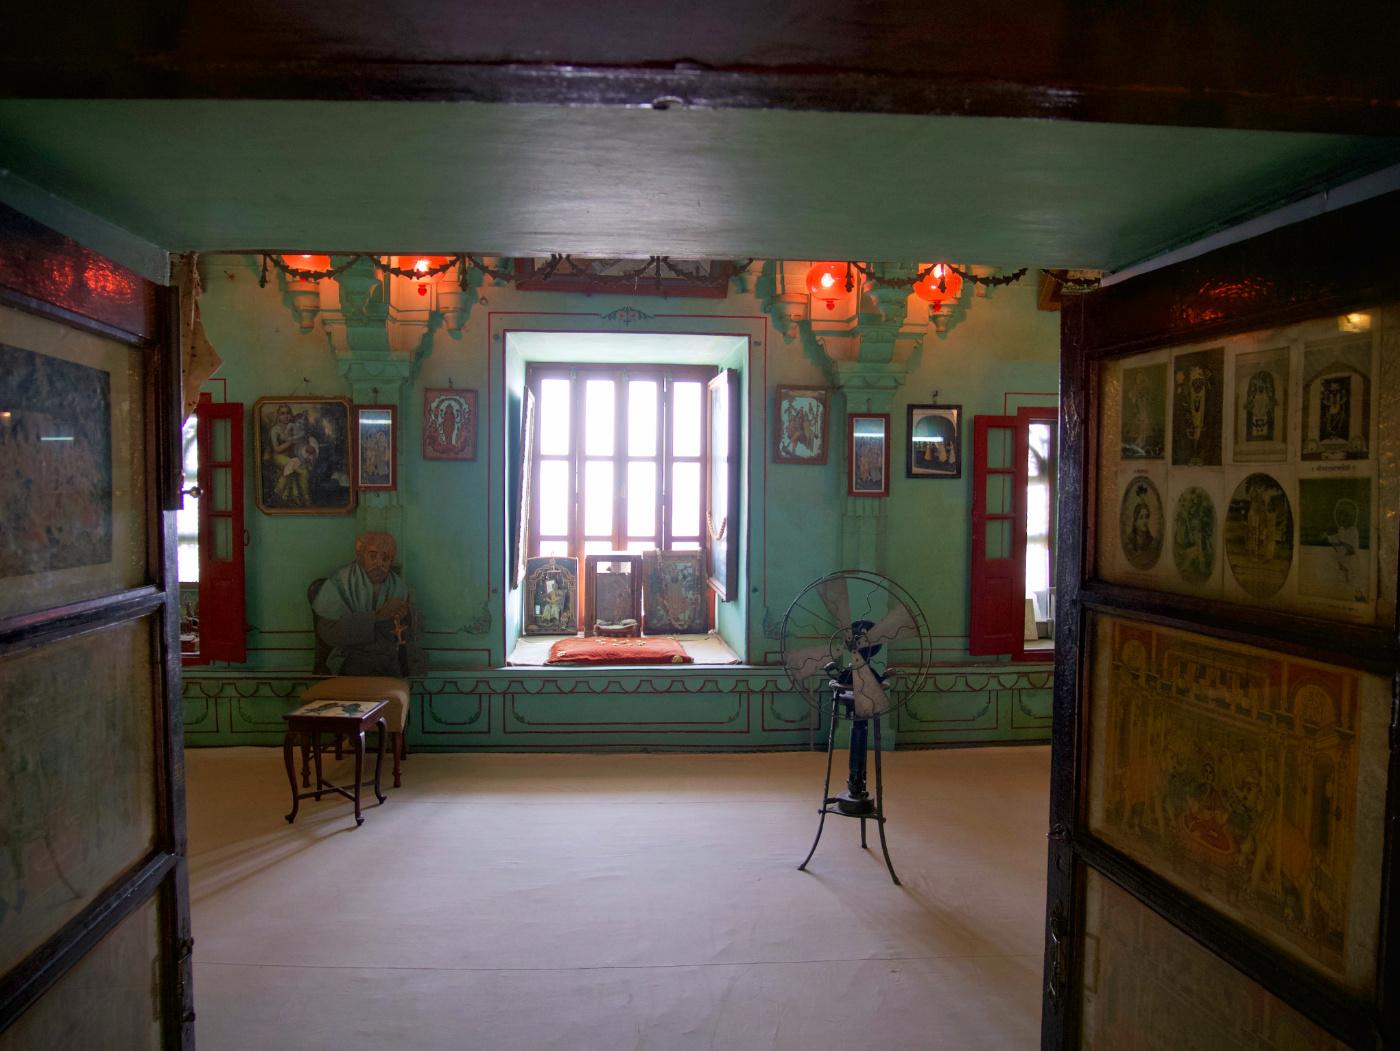 804-India-Udaipur